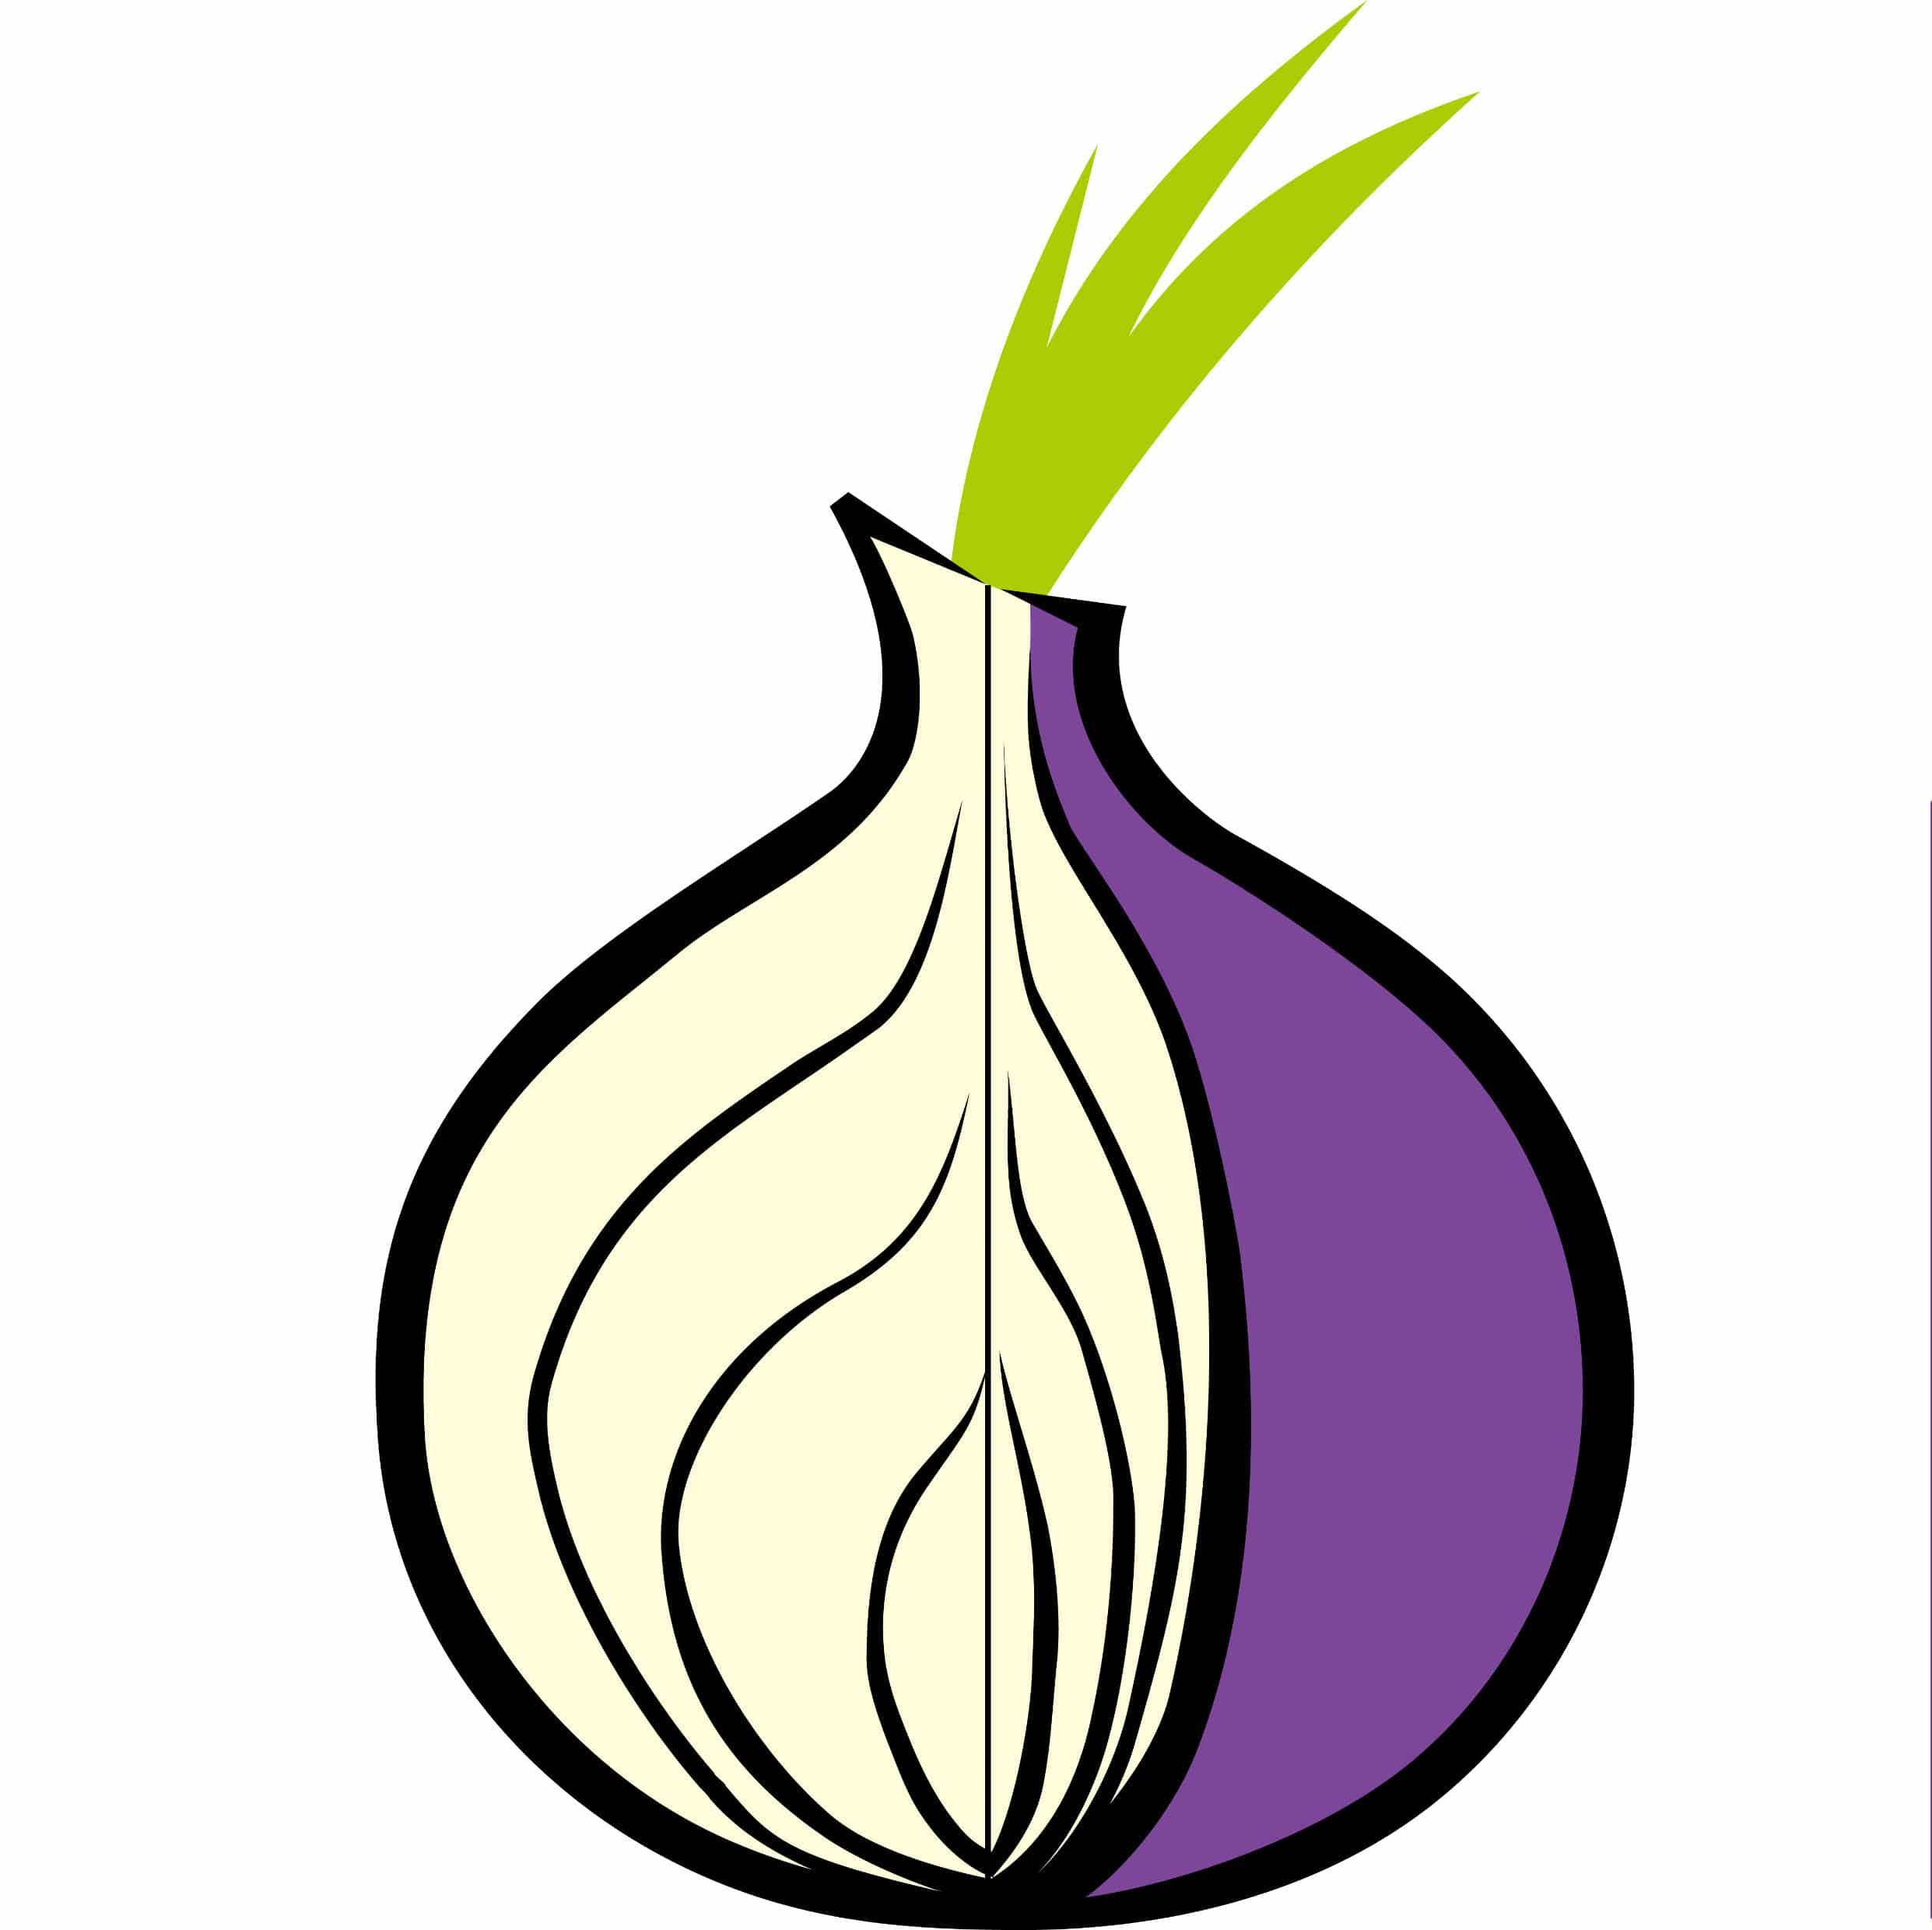 Tor-fedorafuns.com